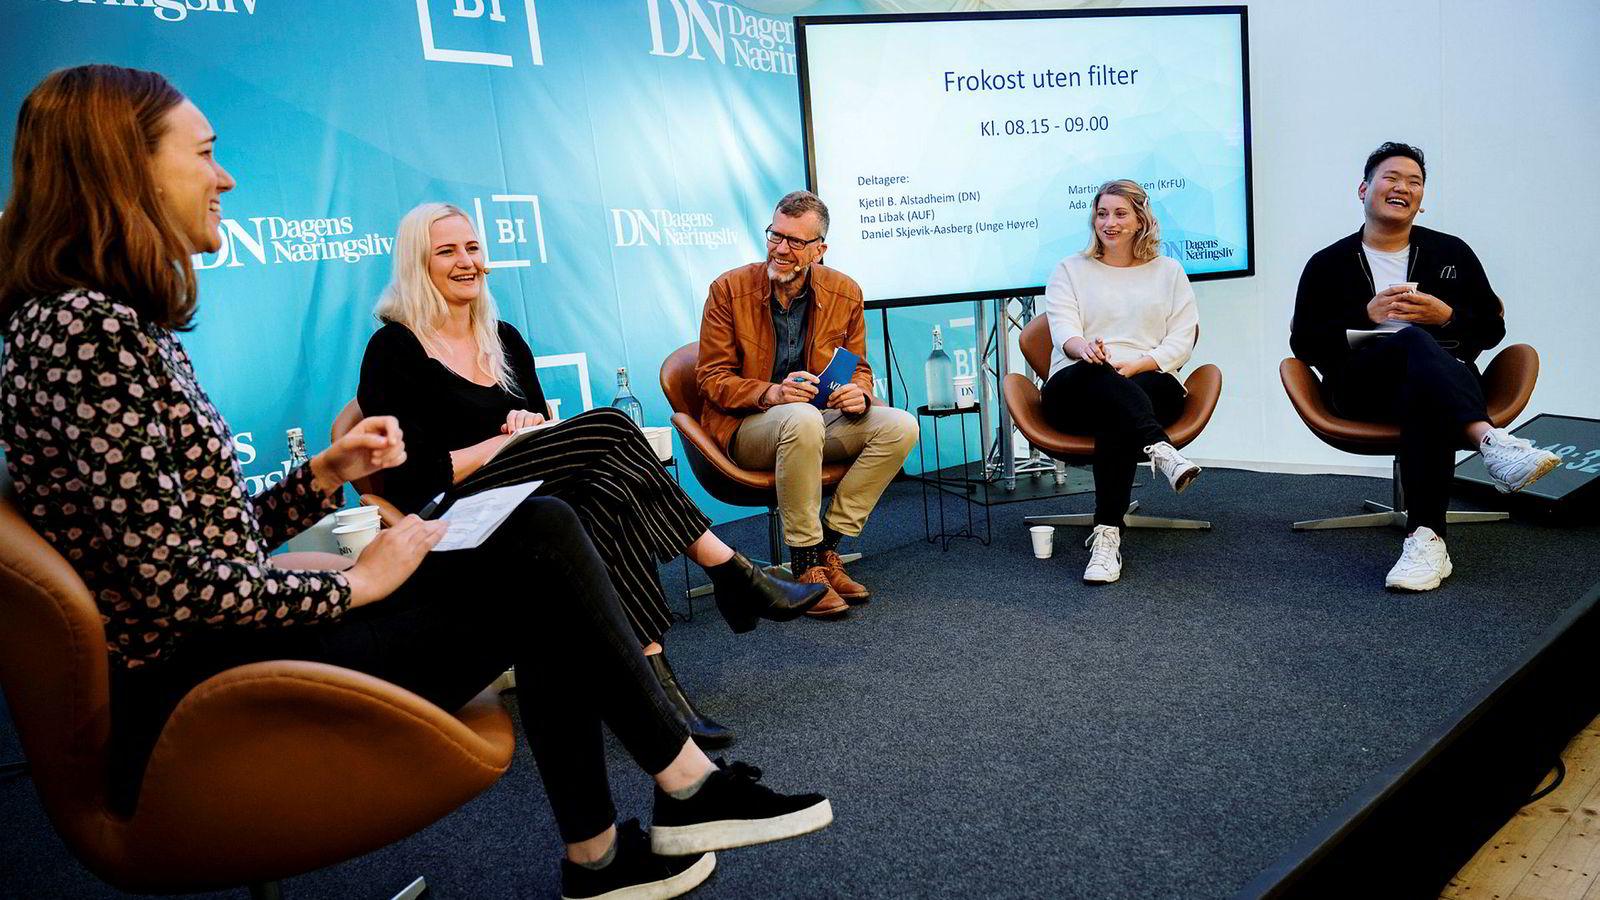 Fra venstre AUF-leder Ina Libak, Senterungdommen-leder Ada Arnstad, Kjetil B. Alstadheim, politisk redaktør i Dagens Næringsliv, Kristelig Folkepartis Ungdom-leder Martine Tønnessen og Unge Høyre-nestleder Daniel Skjevik-Aasberg.